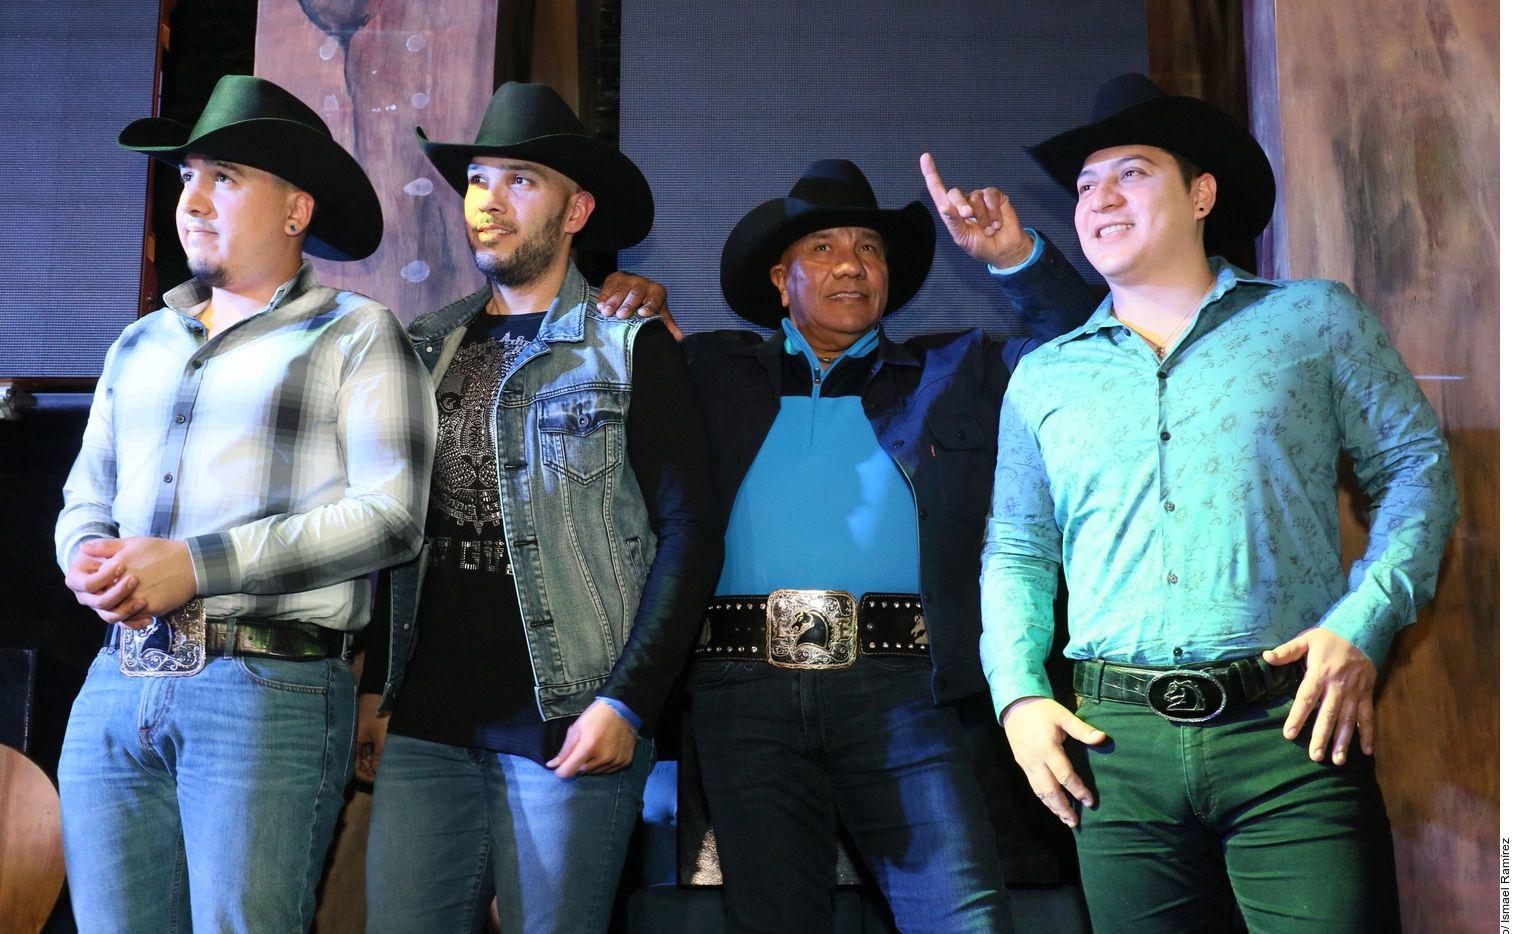 Integrantes de Bronco; José, guitarrista, René, bajista, Javier, baterista y Ramiro Jr., tecladista y acordeonista.